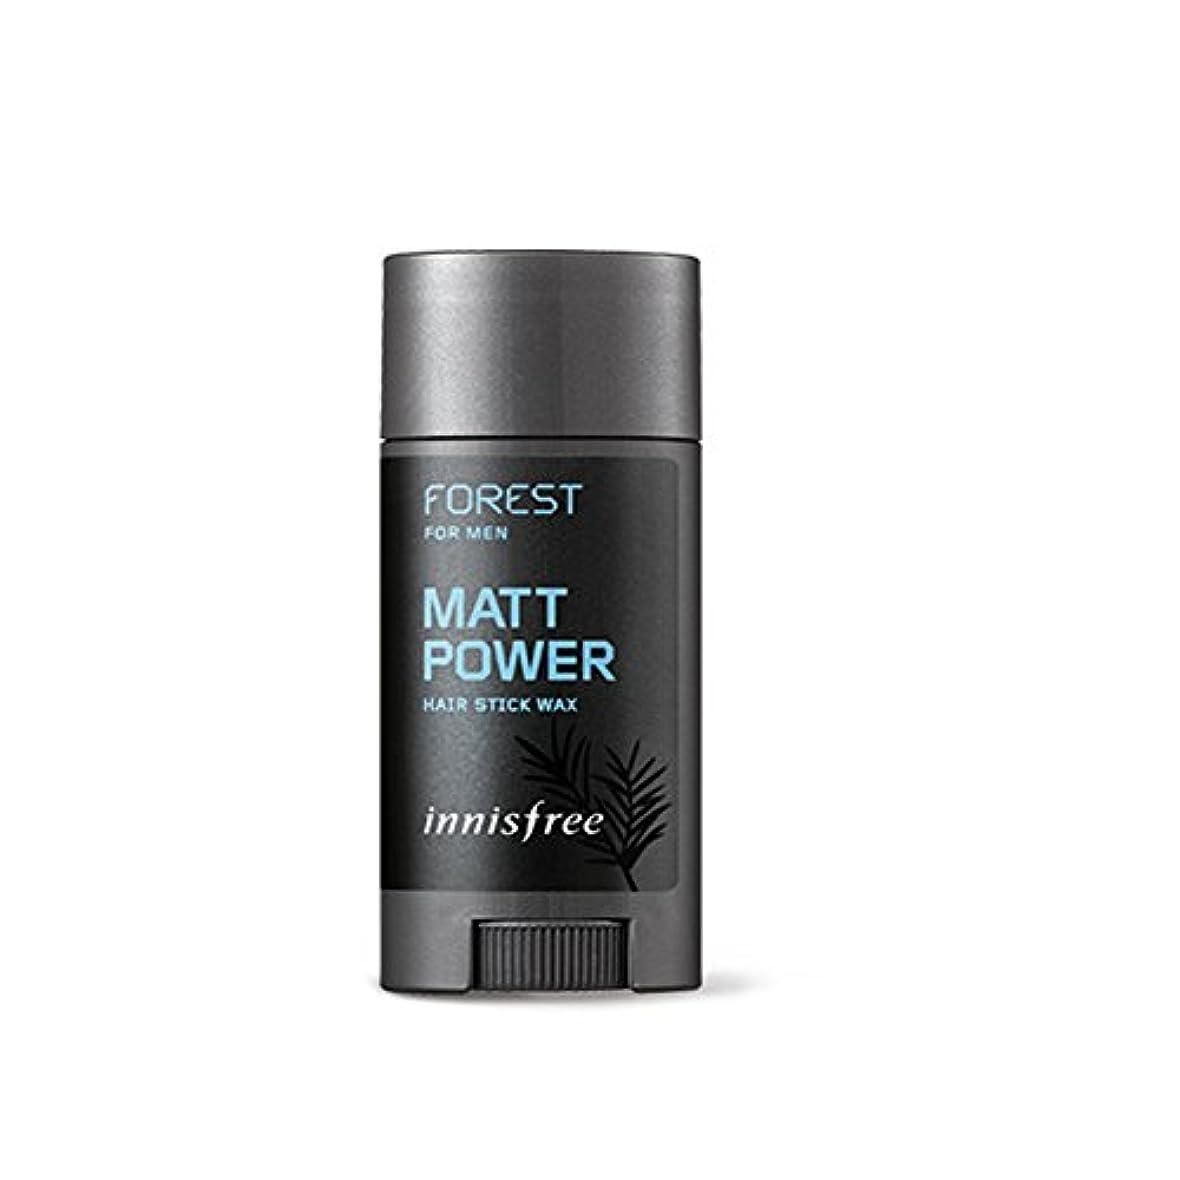 分数虹イニスフリーフォレストメンズヘアスティックワックス、マットパワー15g / Innisfree Forest for Men Hair Stick Wax, Matt Power 15g [並行輸入品][海外直送品]